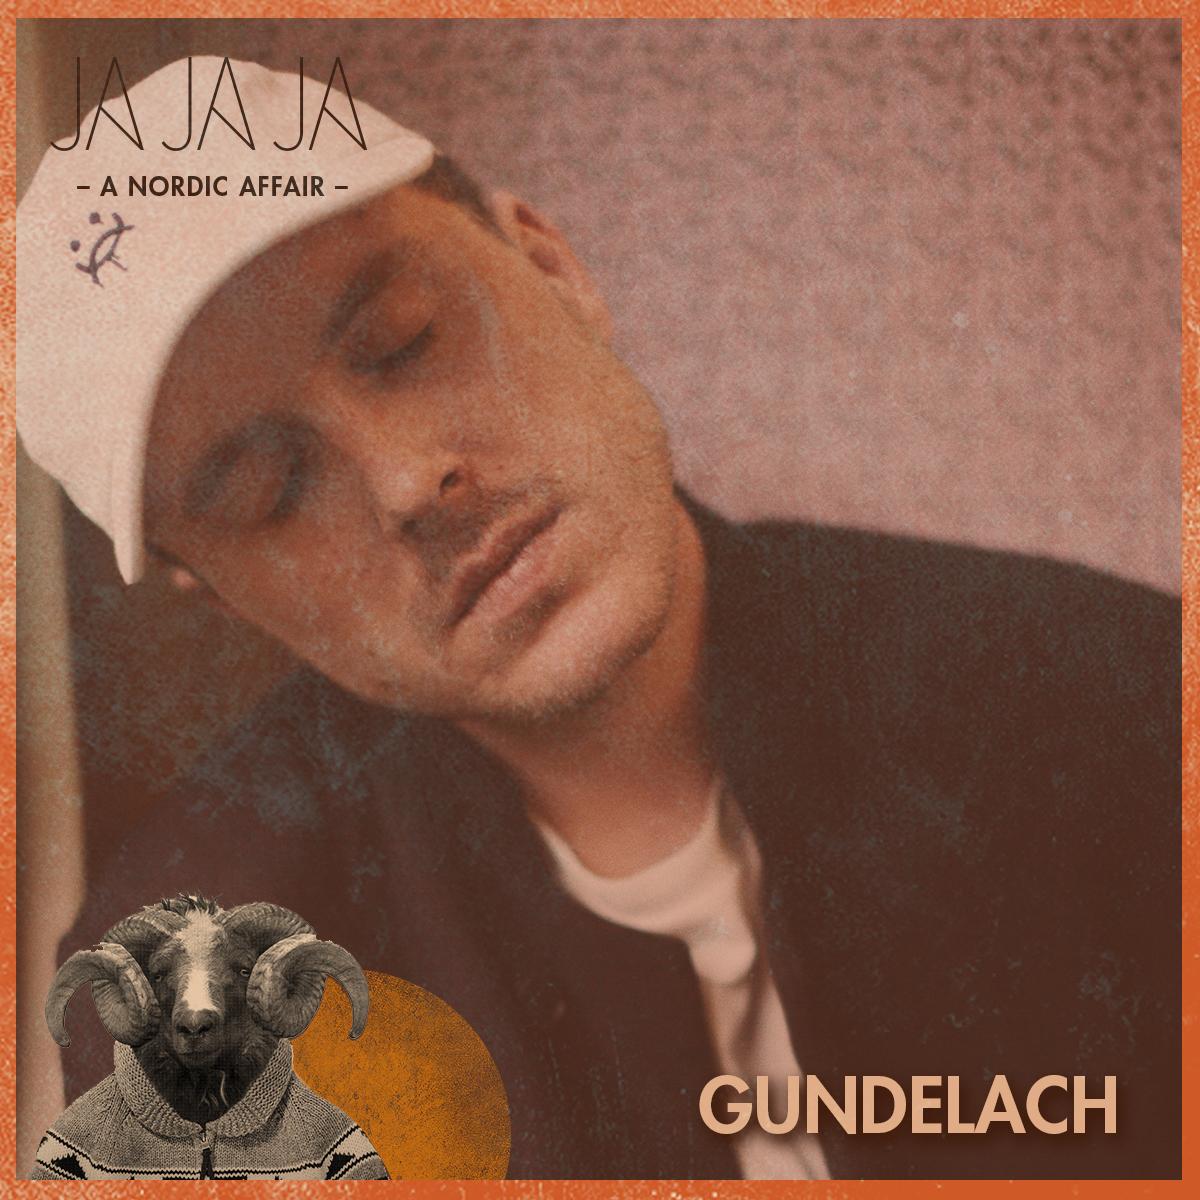 gundelach